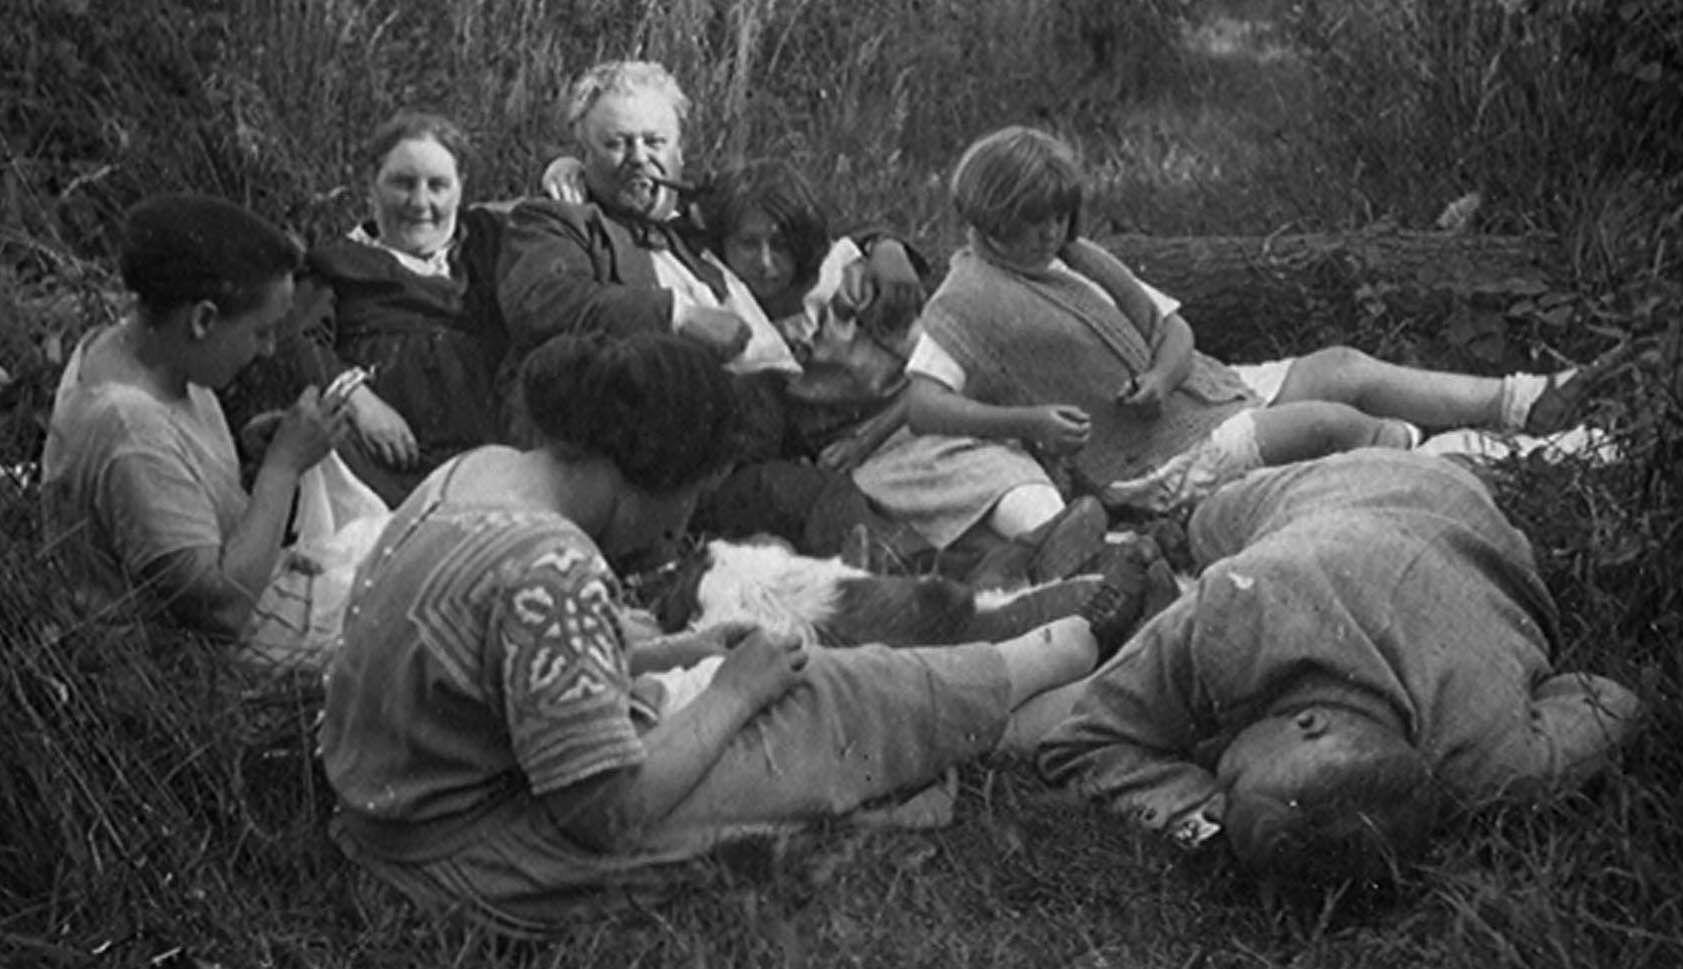 Etikhove: liggend in het gras